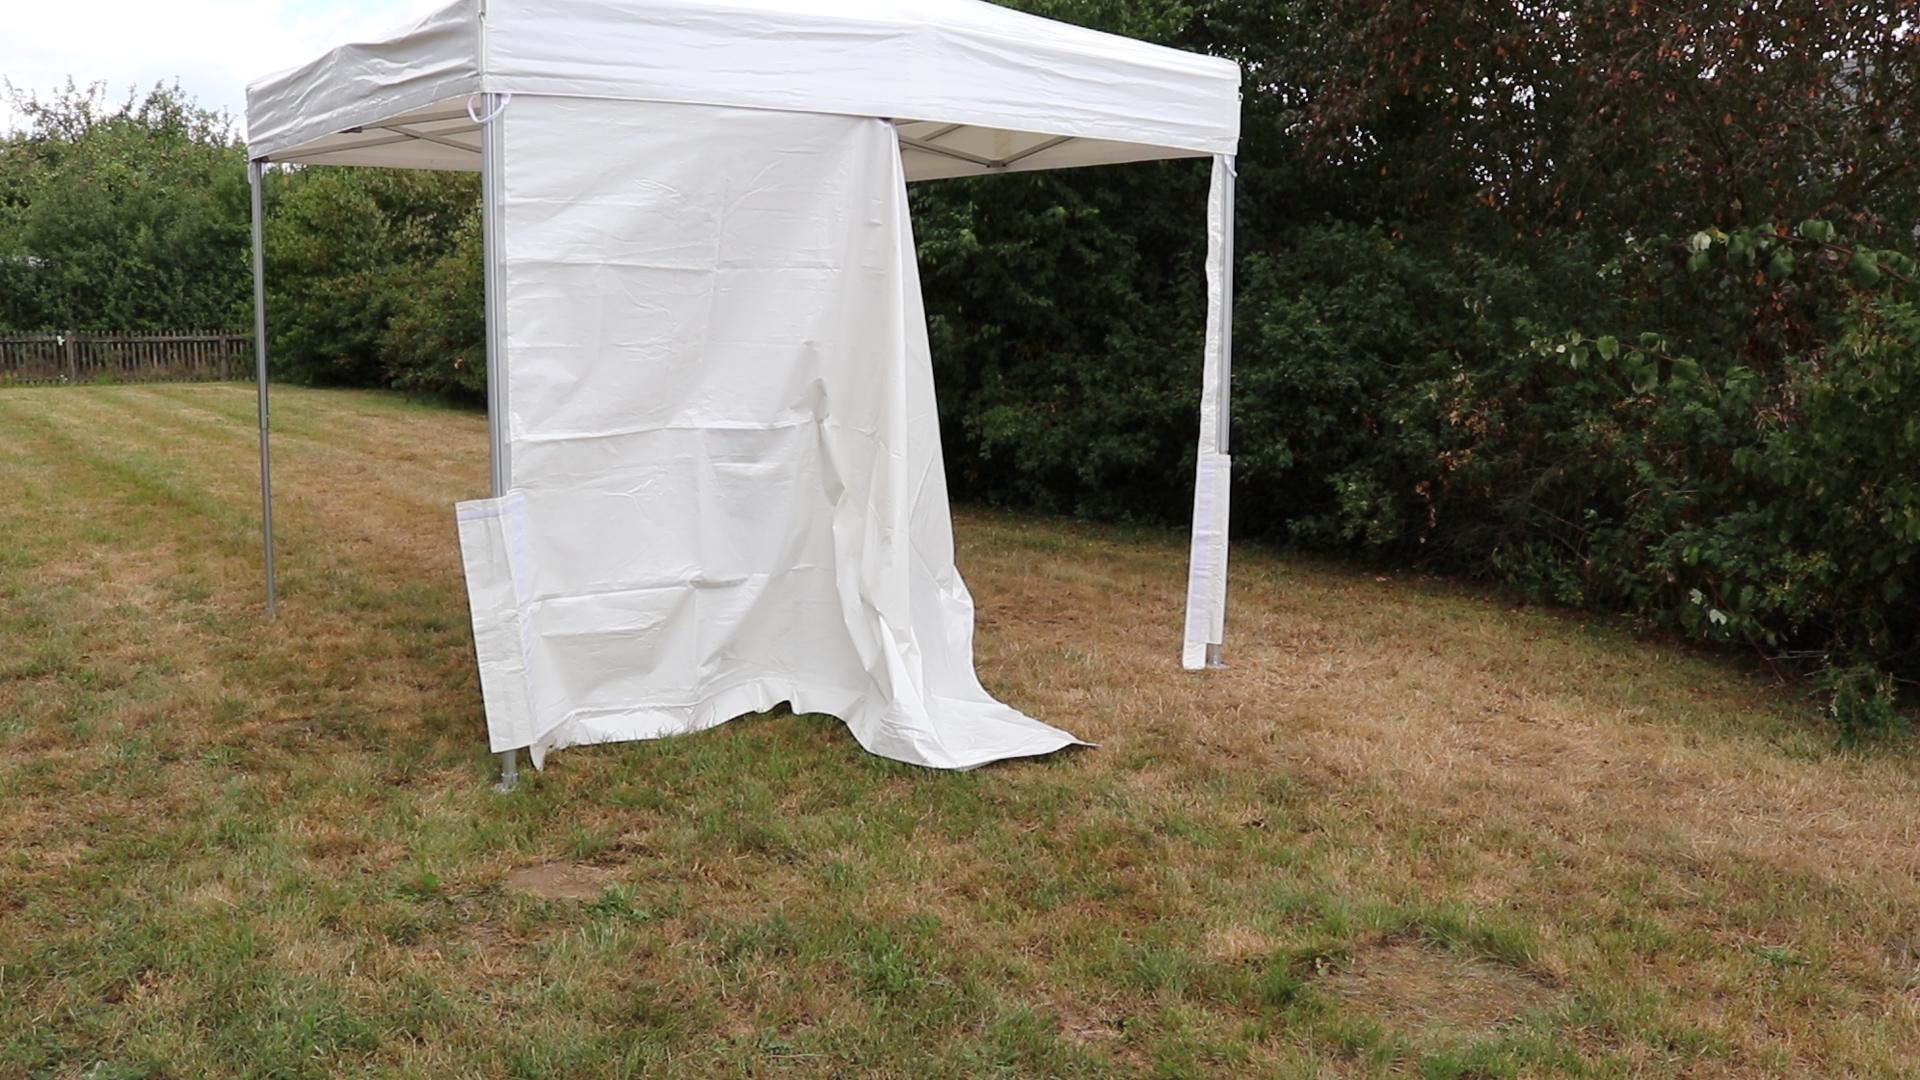 Seitenwand am Miet-Zelt befestigen